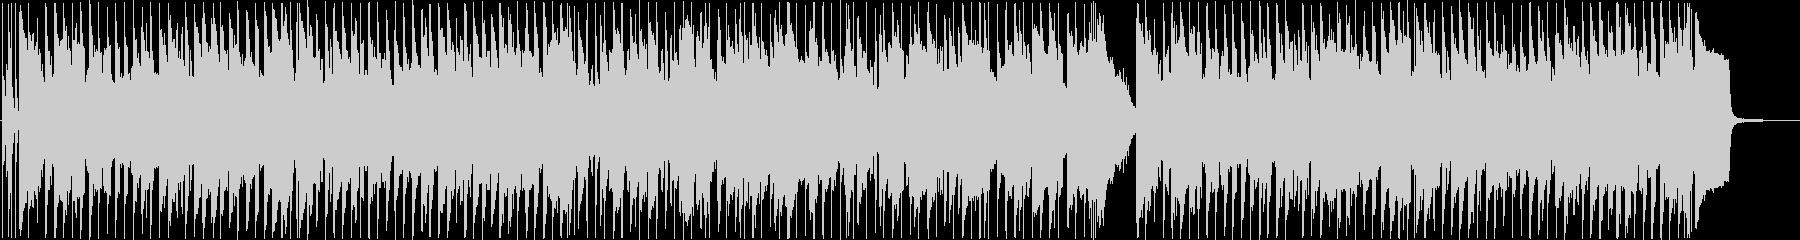 陽気なリコーダーのポップな日常BGMの未再生の波形